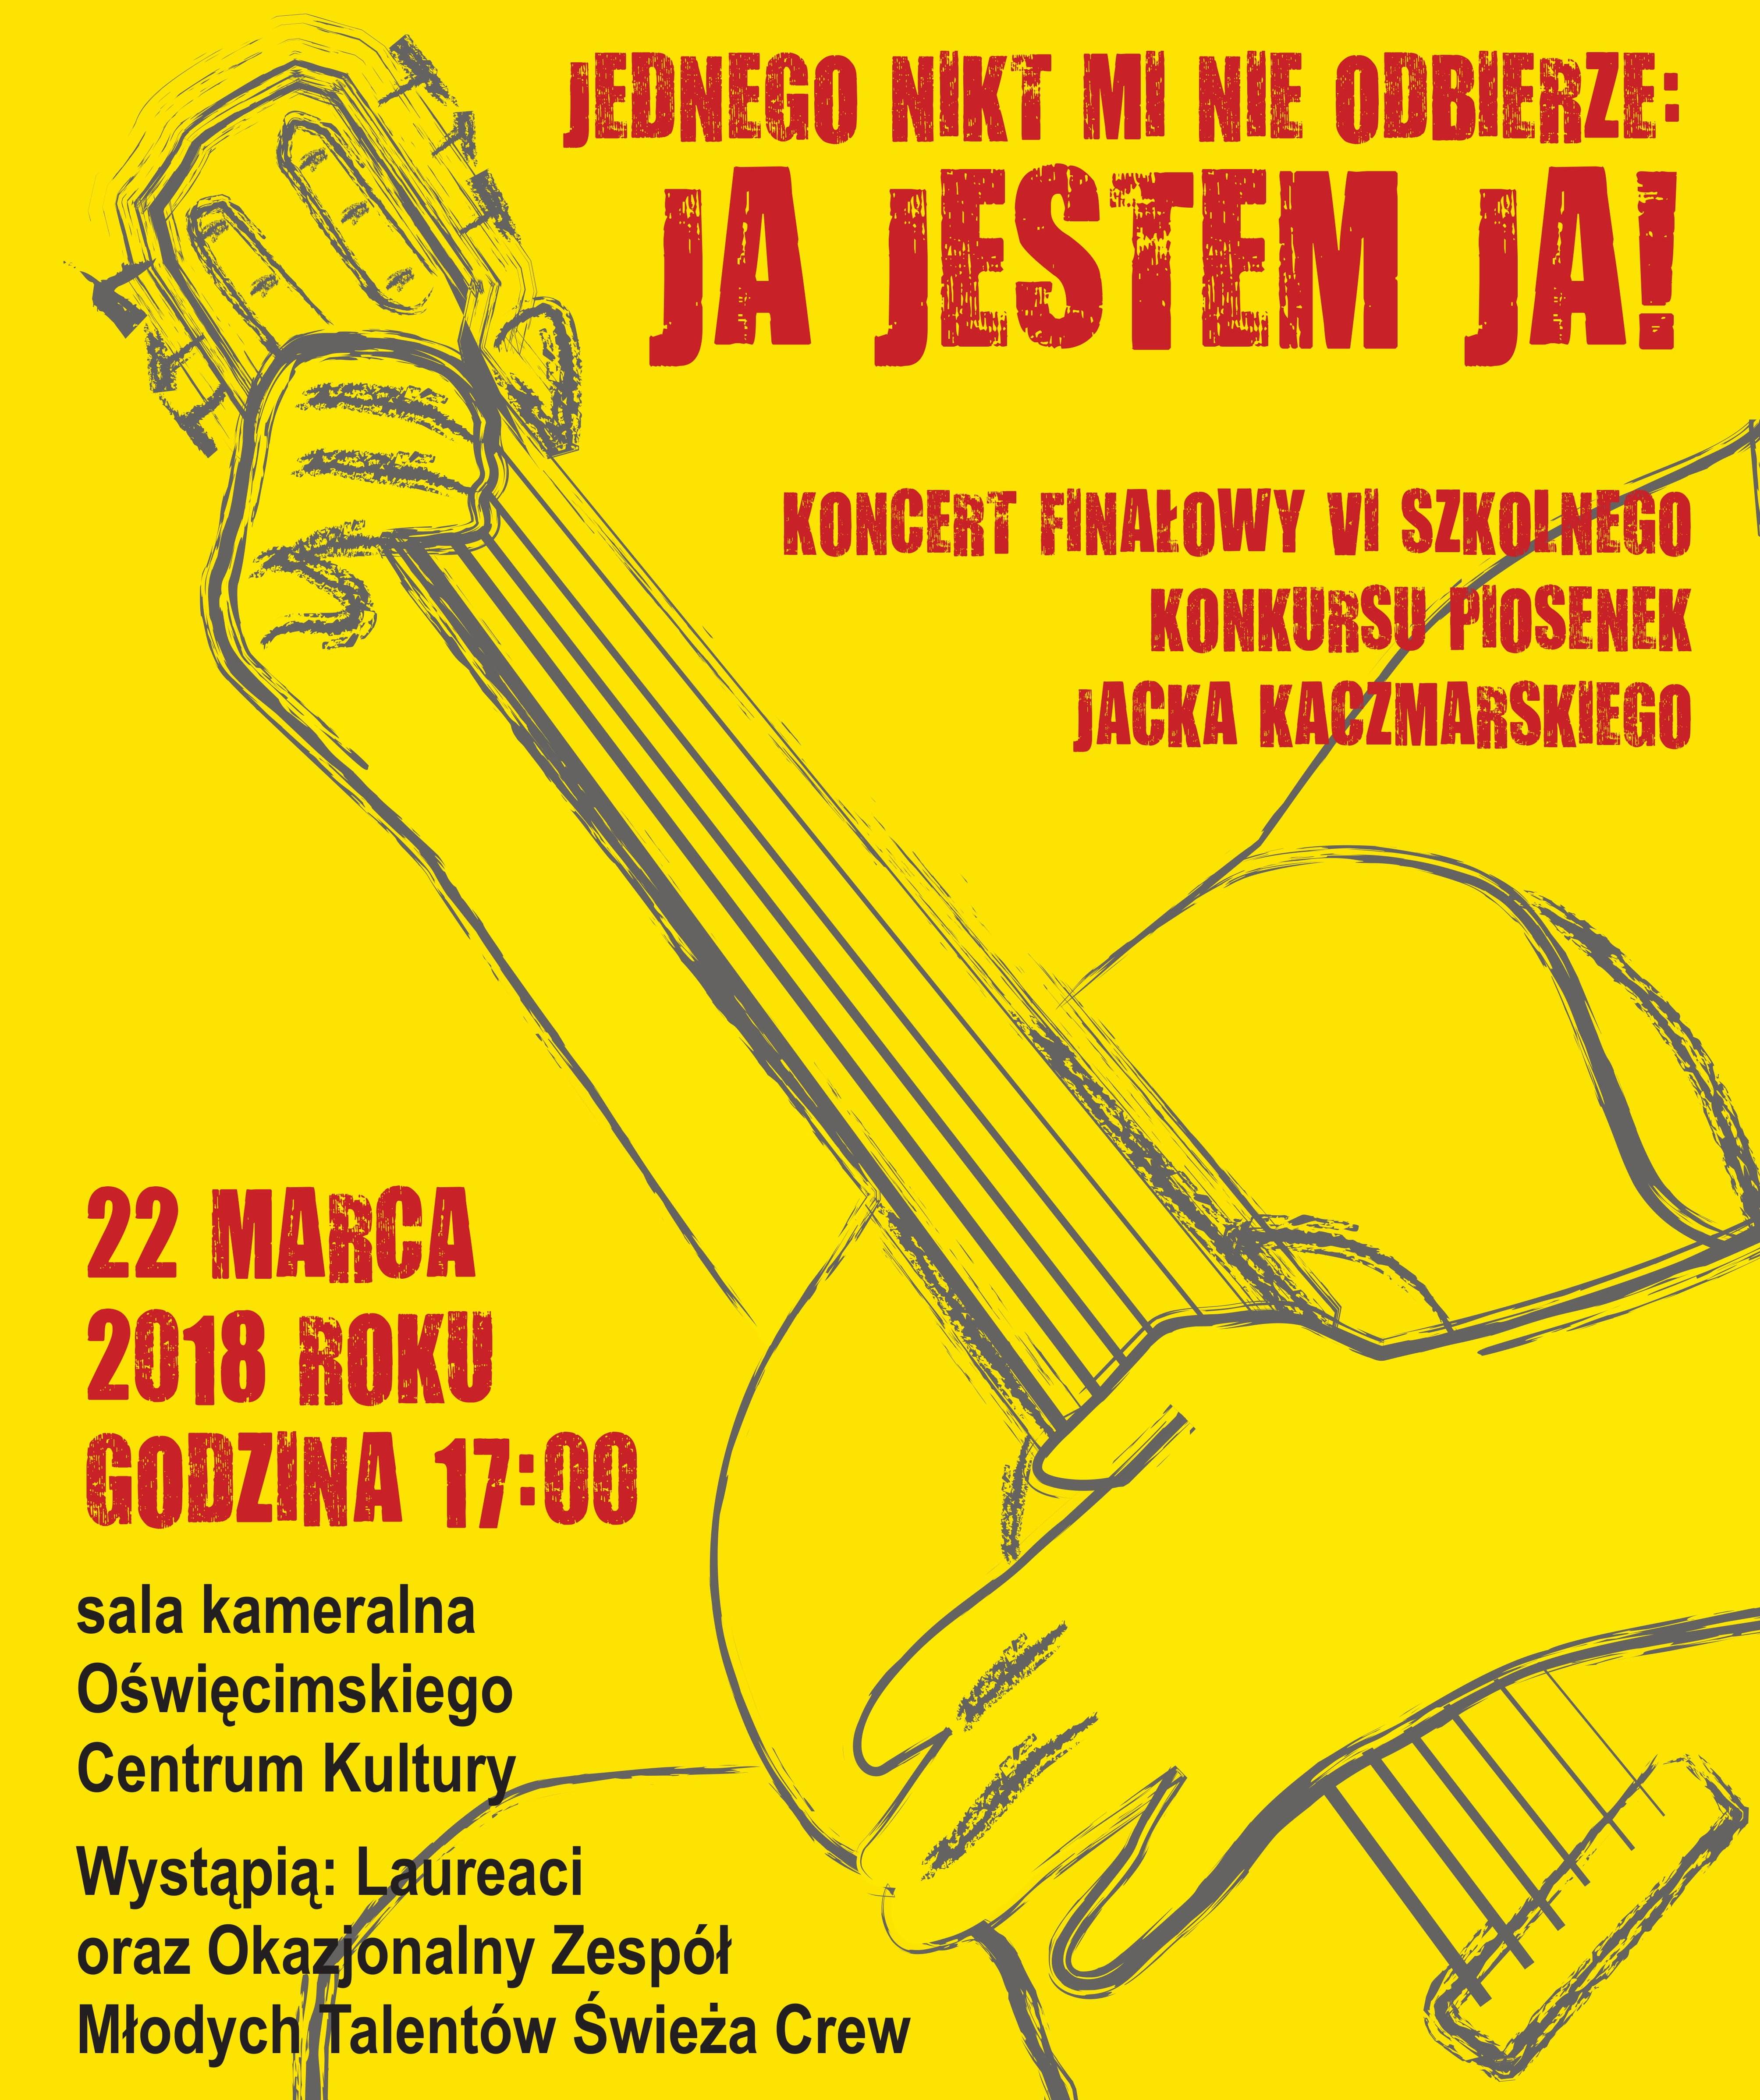 OŚWIĘCIM. Przyjdź na koncert i posłuchaj legendarnych utworów Jacka Kaczmarskiego